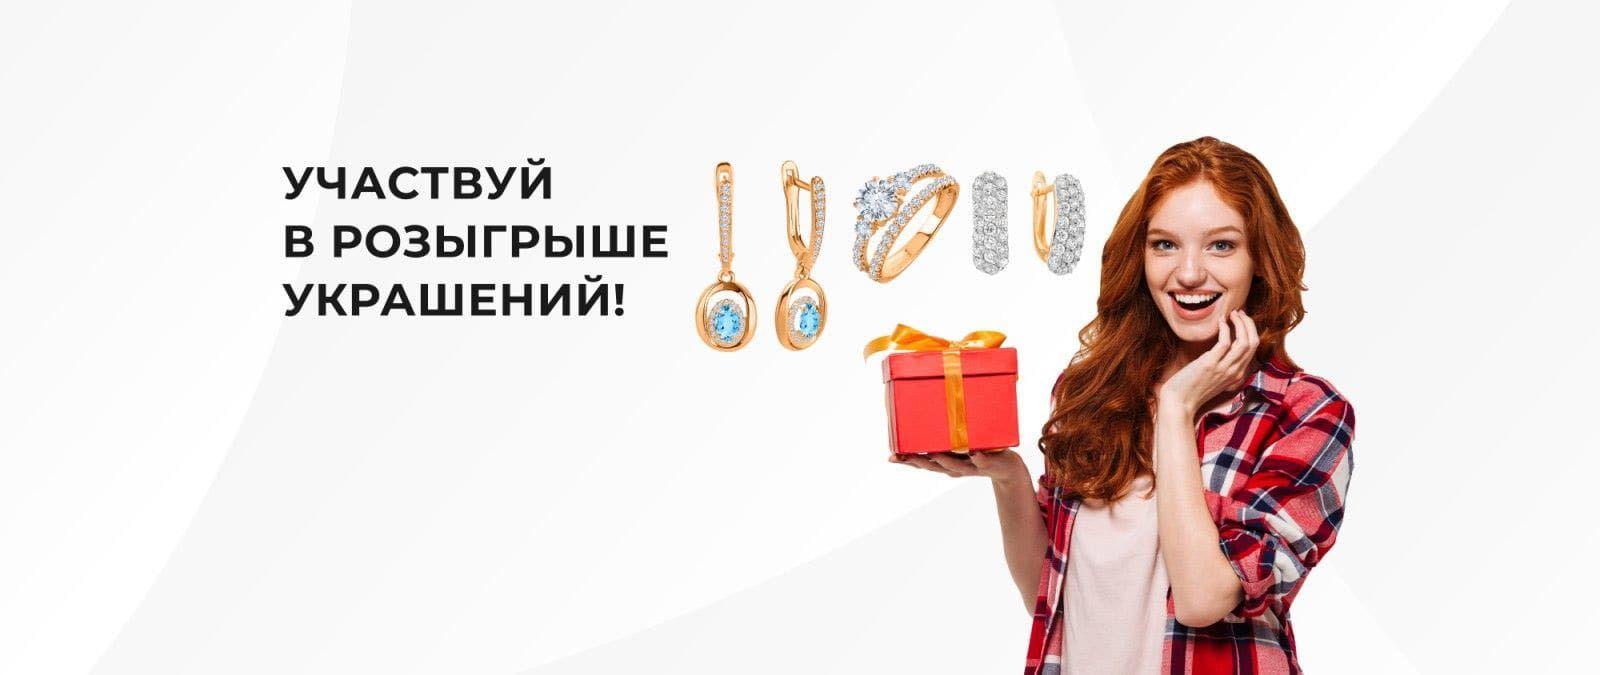 Ломбарды корона Саратов - участвуйте в розыгрыше ювелирных украшений